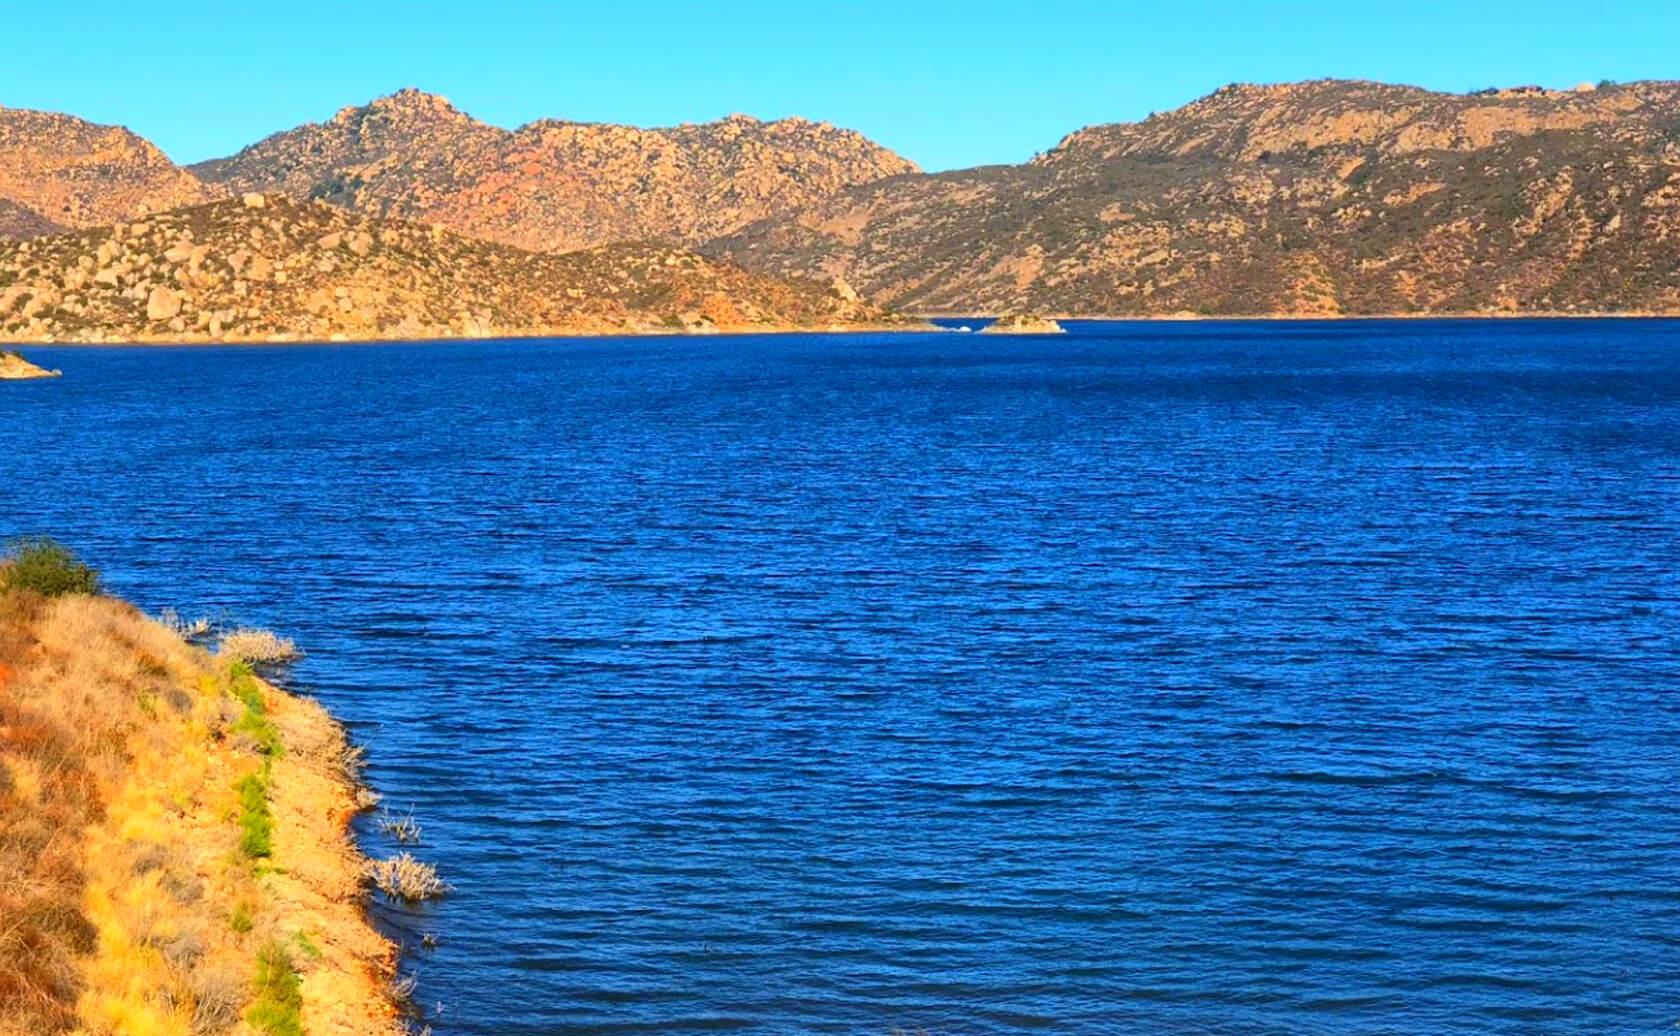 San-Vicente-Lake-Fishing-Guide-Report-California-03